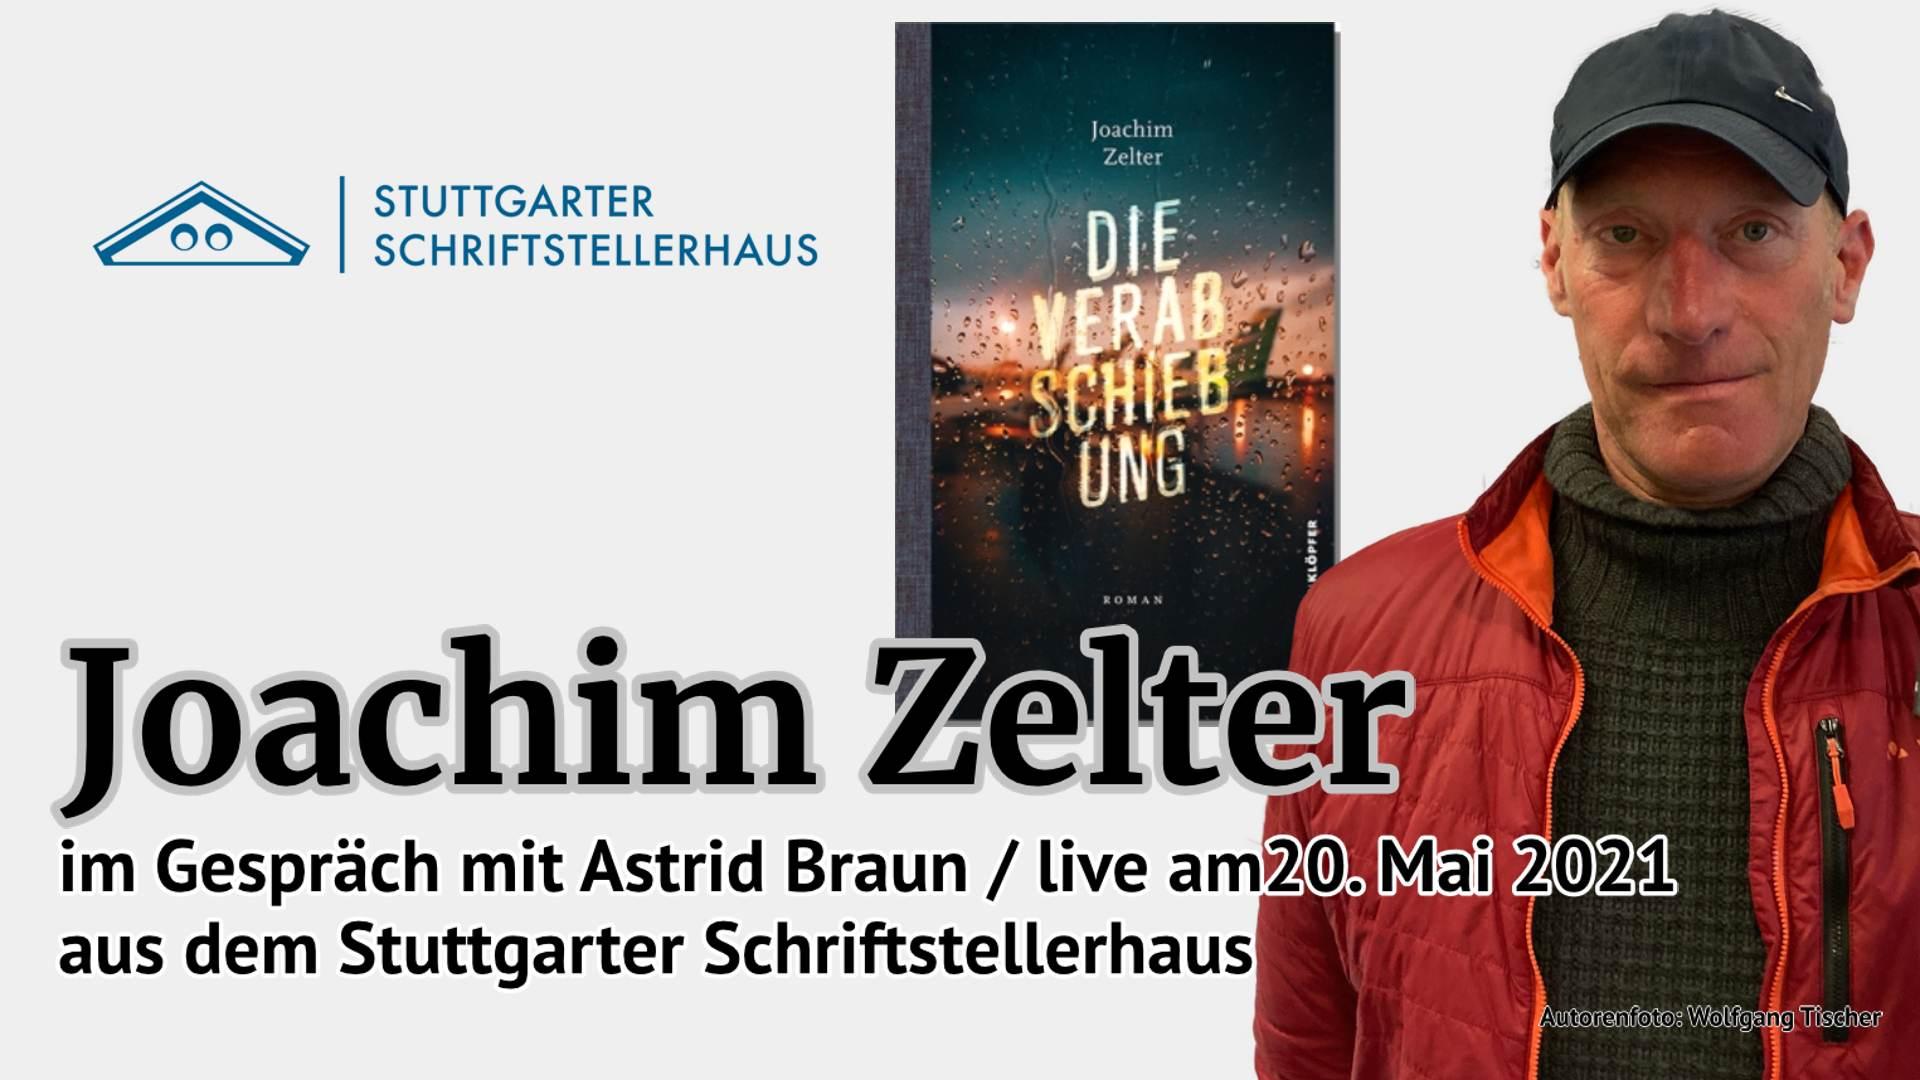 Joachim Zelter im Gespräch mit Astrid Braun aus dem Stuttgarter Schriftstellerhaus